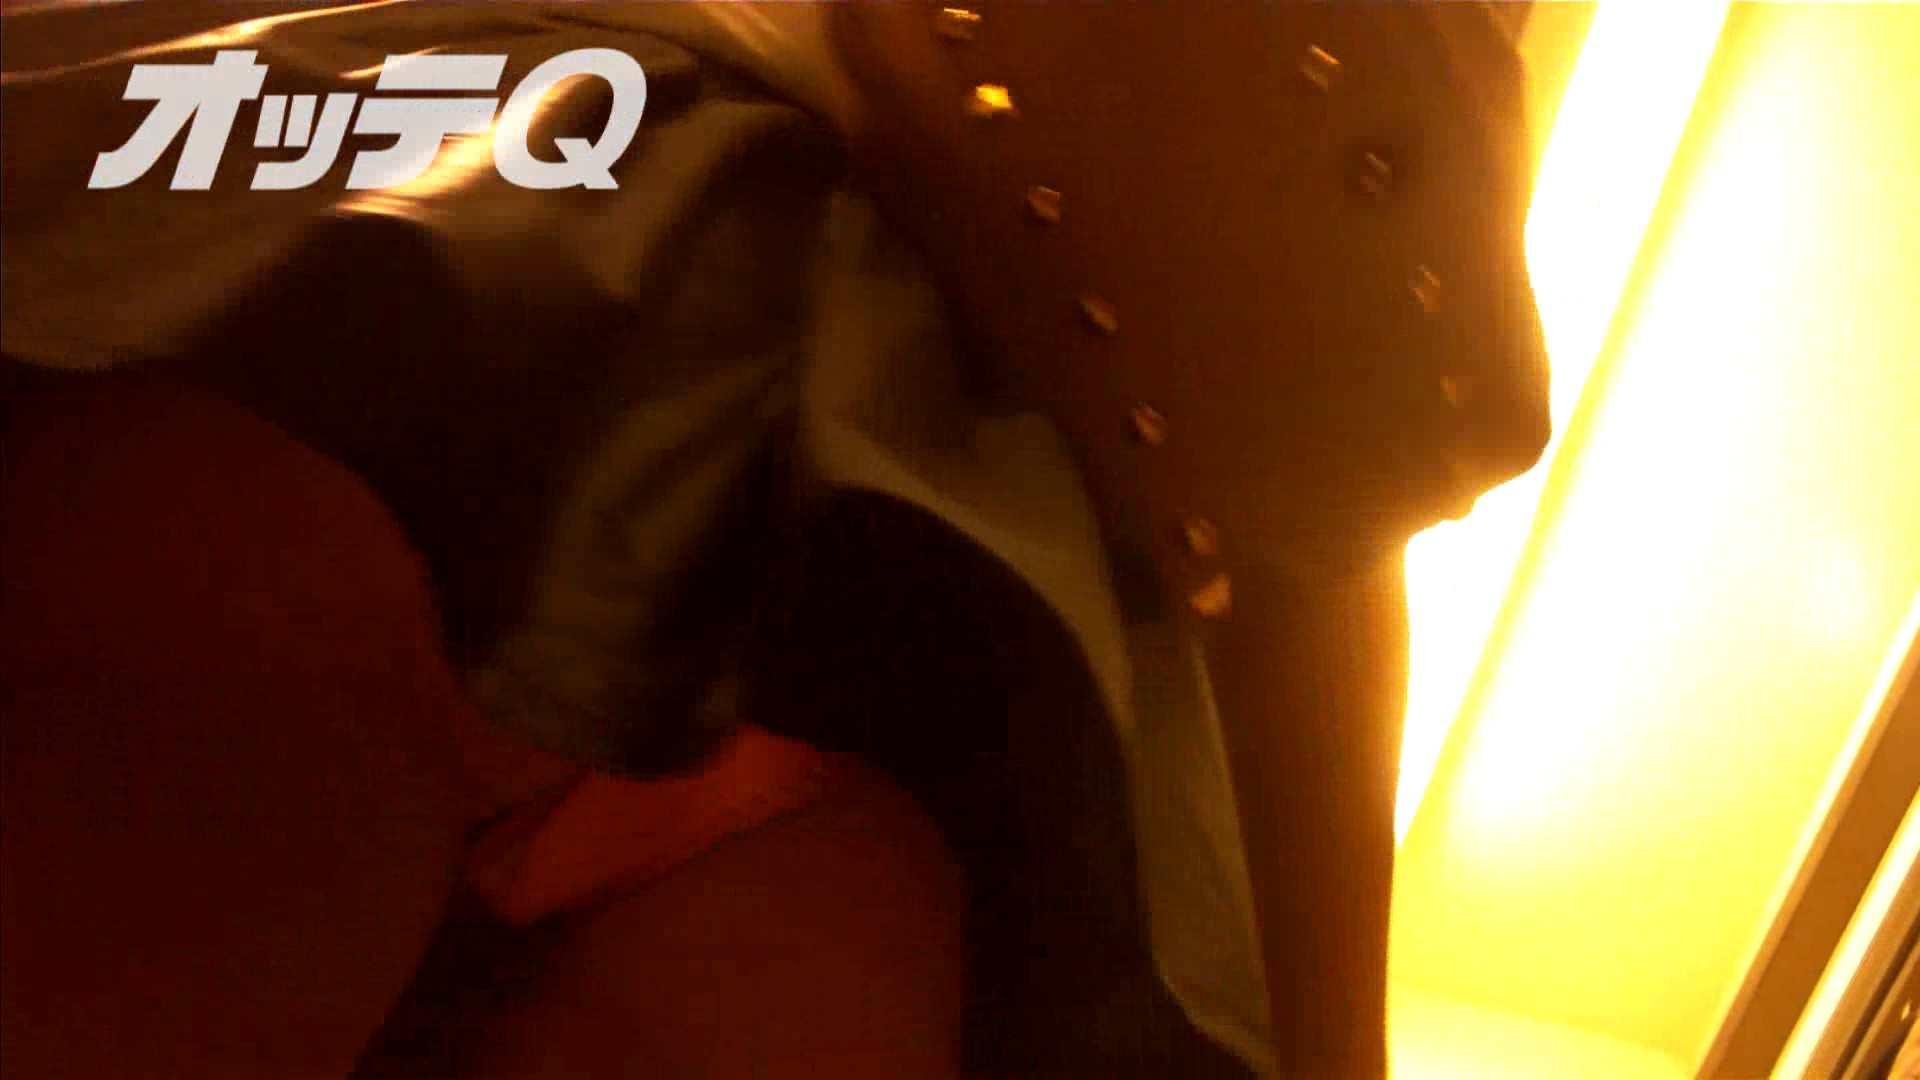 ハイビジョンパンチラ オッテQさんの追跡パンチラデパート編VOL.03 エッチなお姉さん すけべAV動画紹介 109pic 31